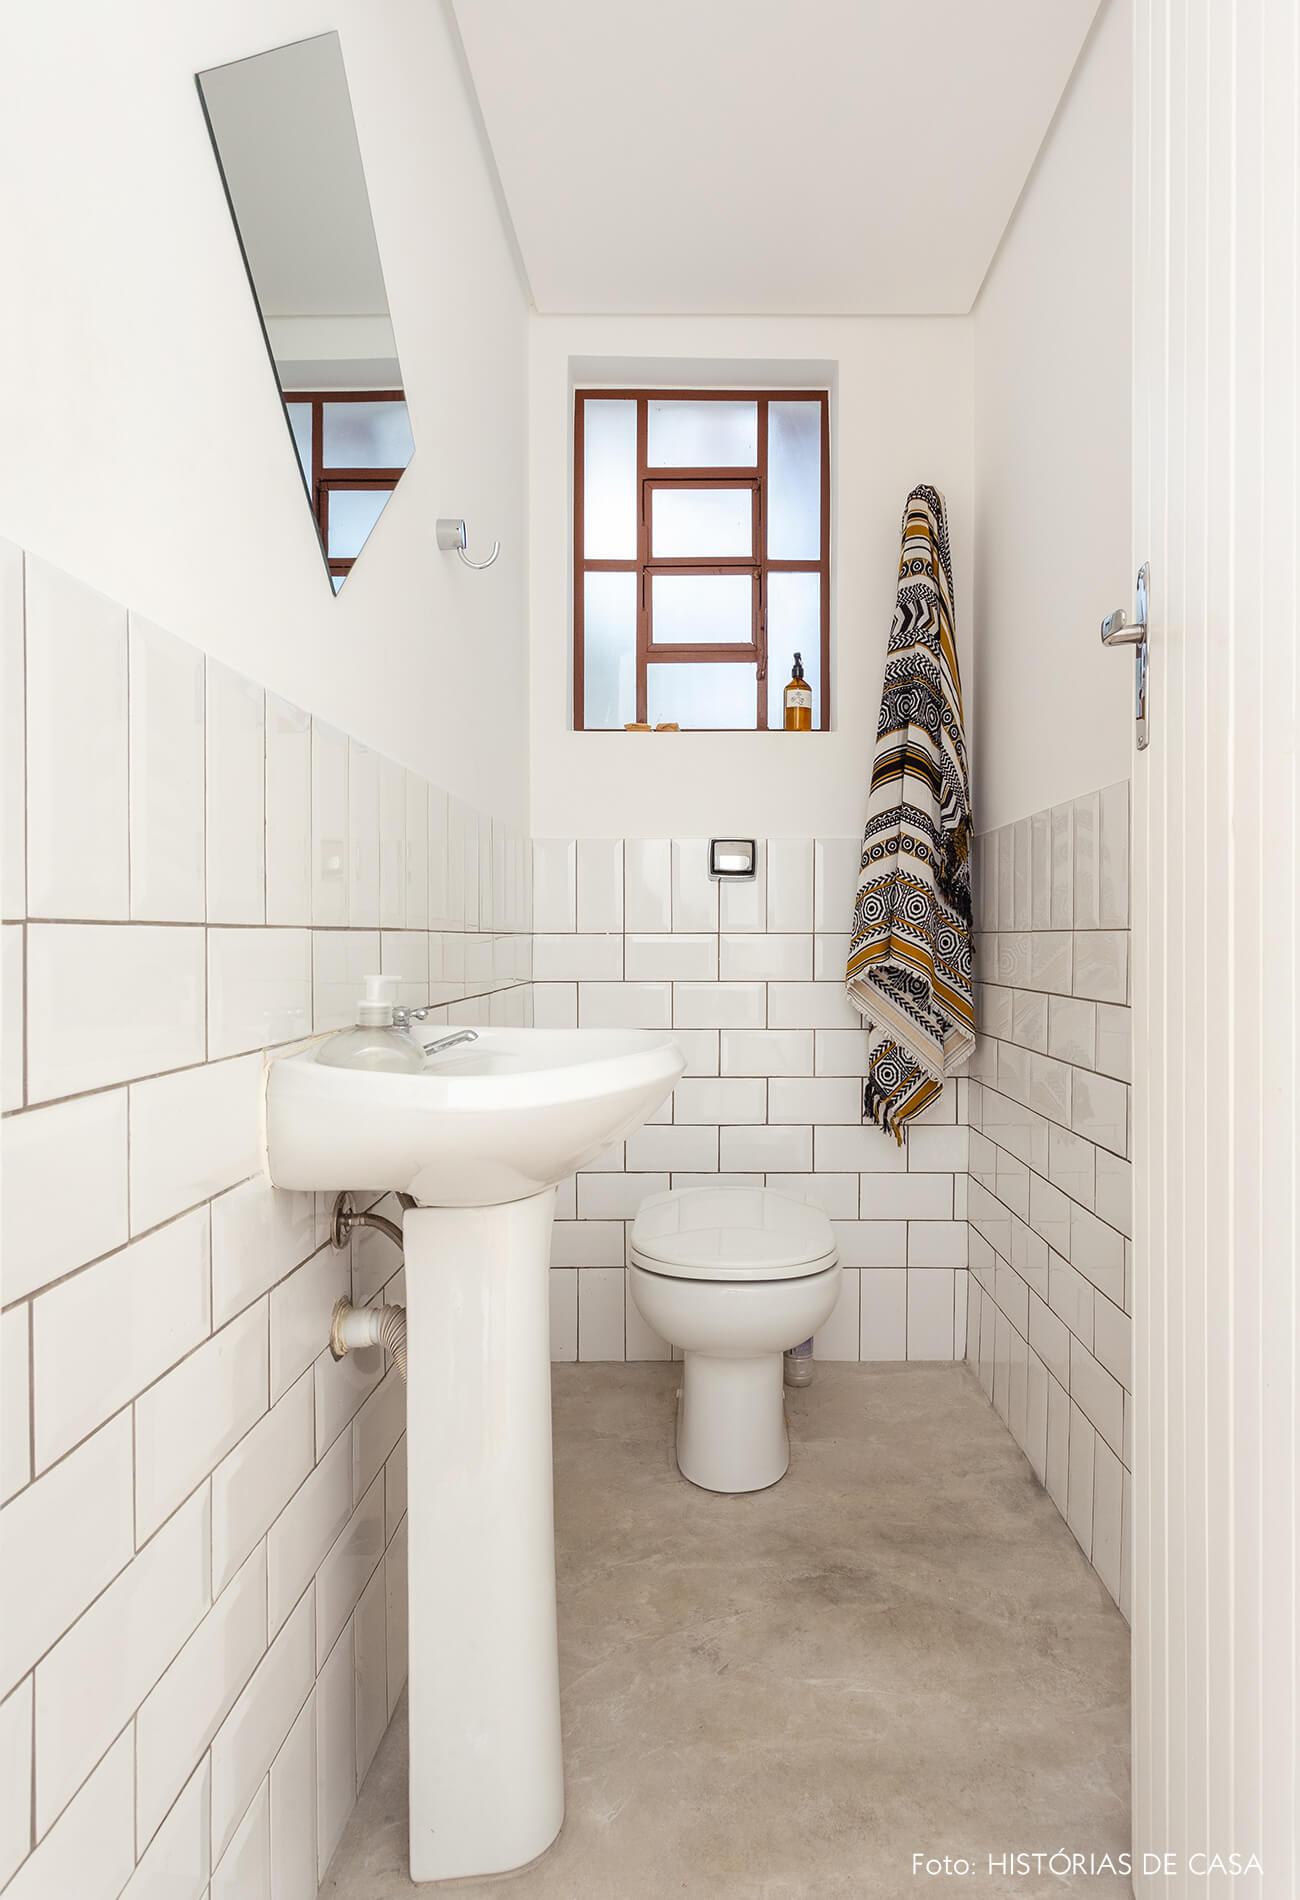 Banheiro compacto com azulejos subway tiles